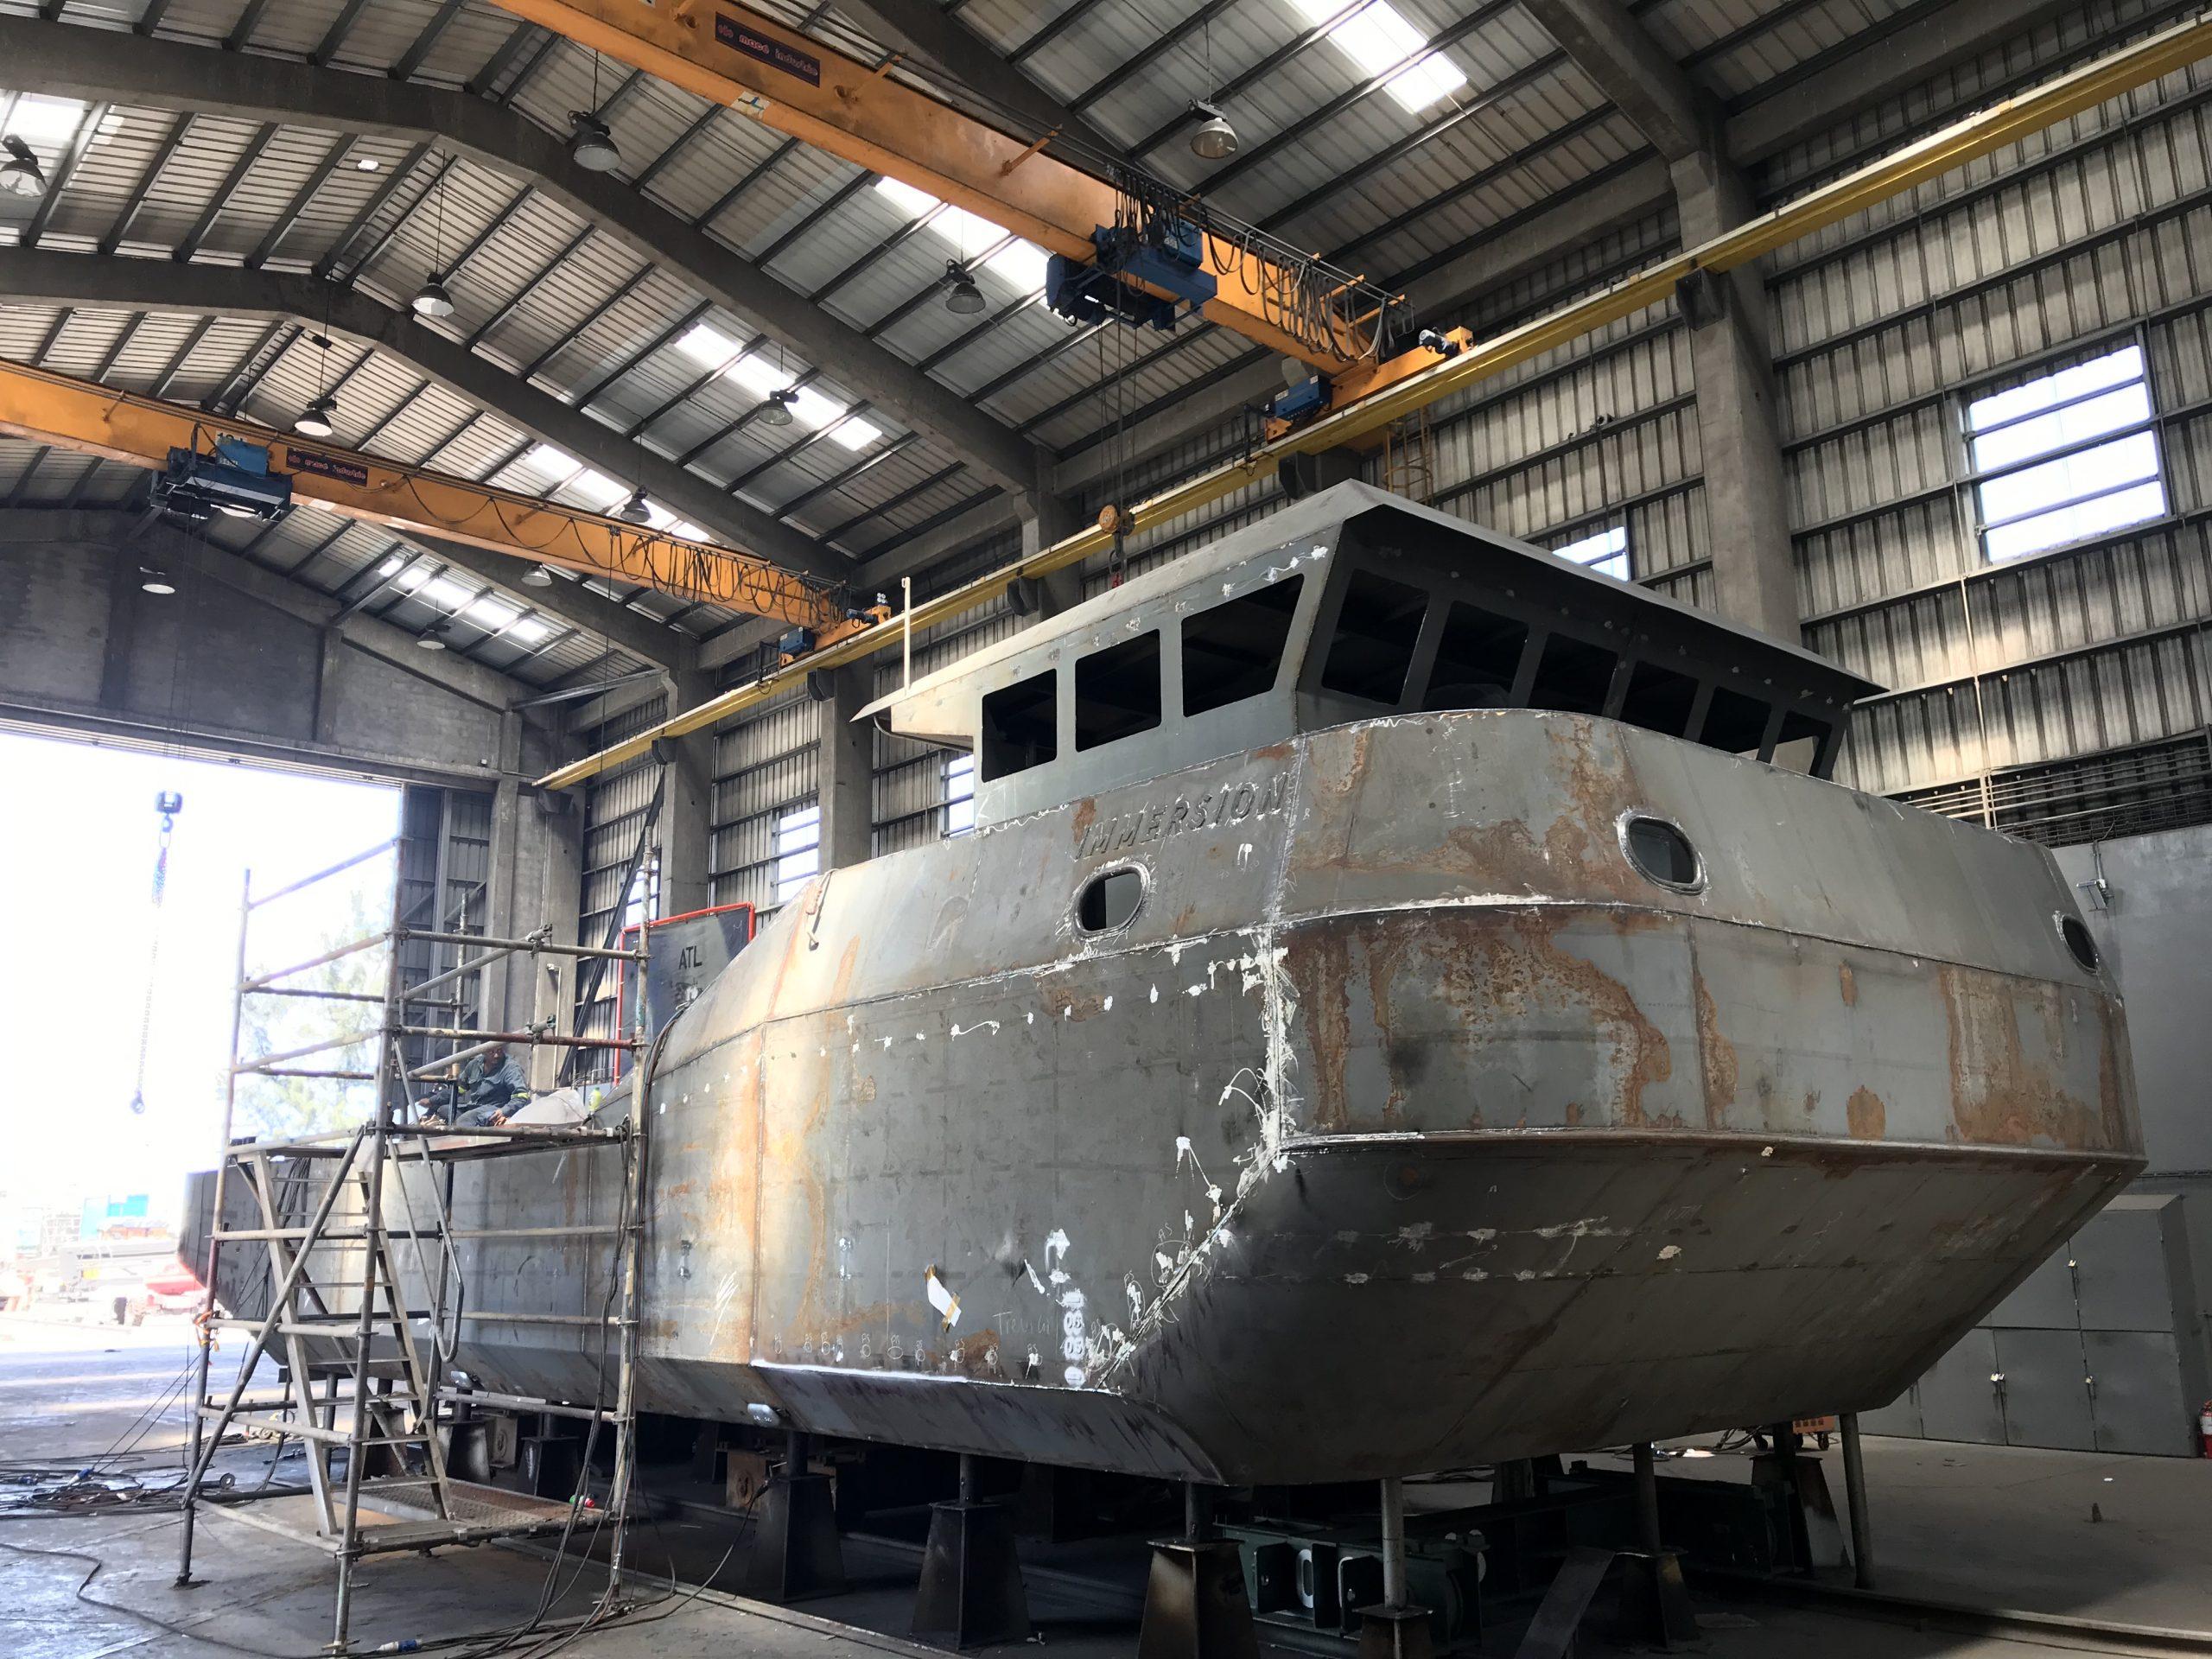 Une barge de travail pour les plongeurs d'ImmerSub